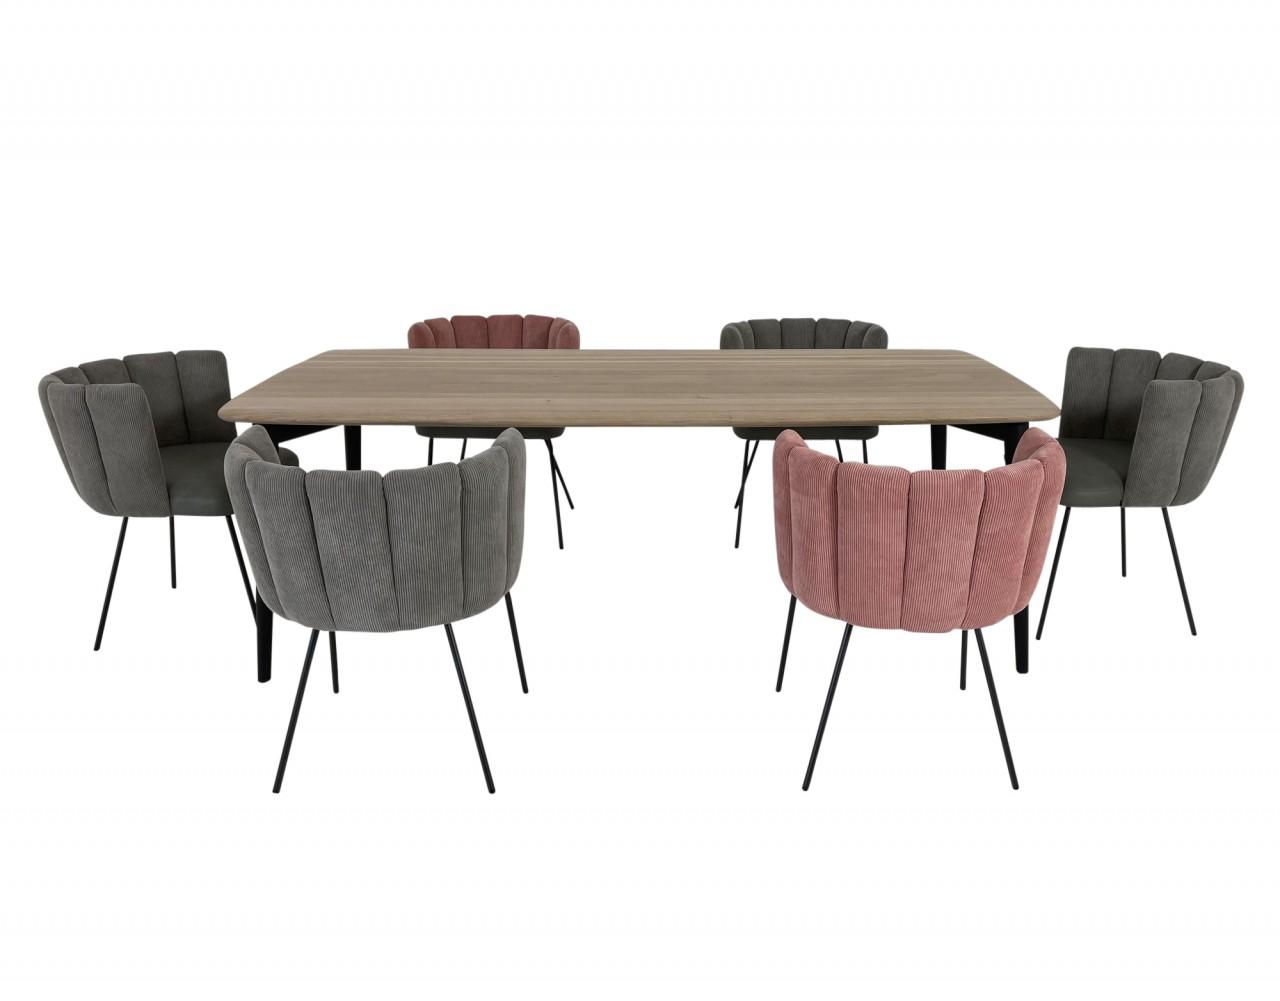 ROLF BENZ Esstisch 900 Eiche massiv mit 6 Stück KFF GAIA Stühlen in stylischem Kordstoff- Leder Mix